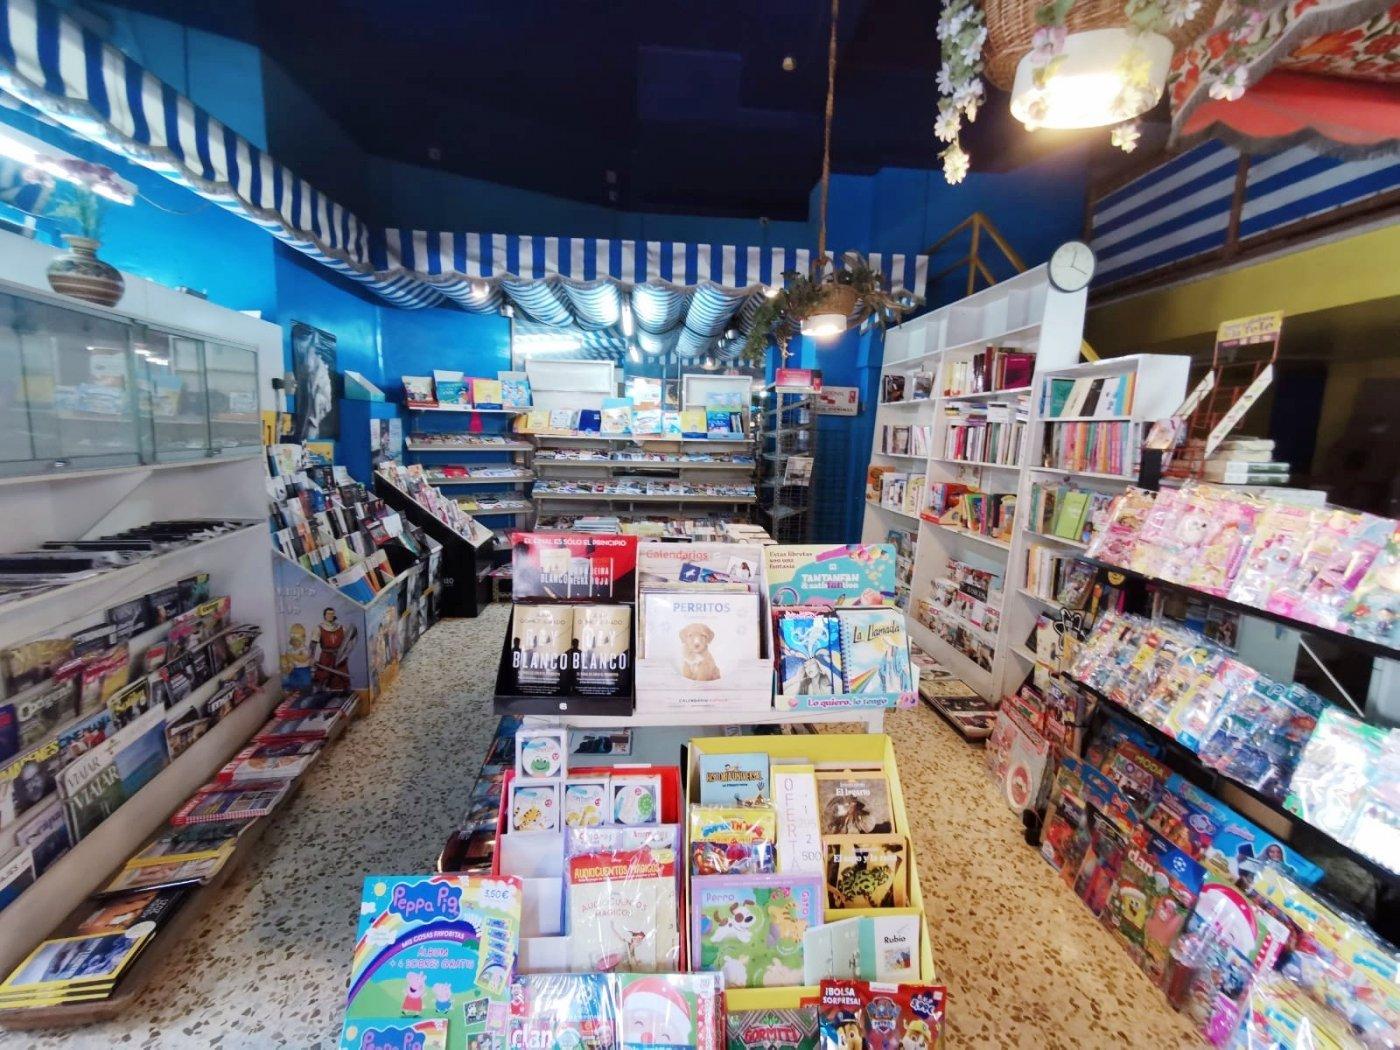 Se vente local comercial en bons aires(cerca de la calle blanquerna y generar riera ) - imagenInmueble5